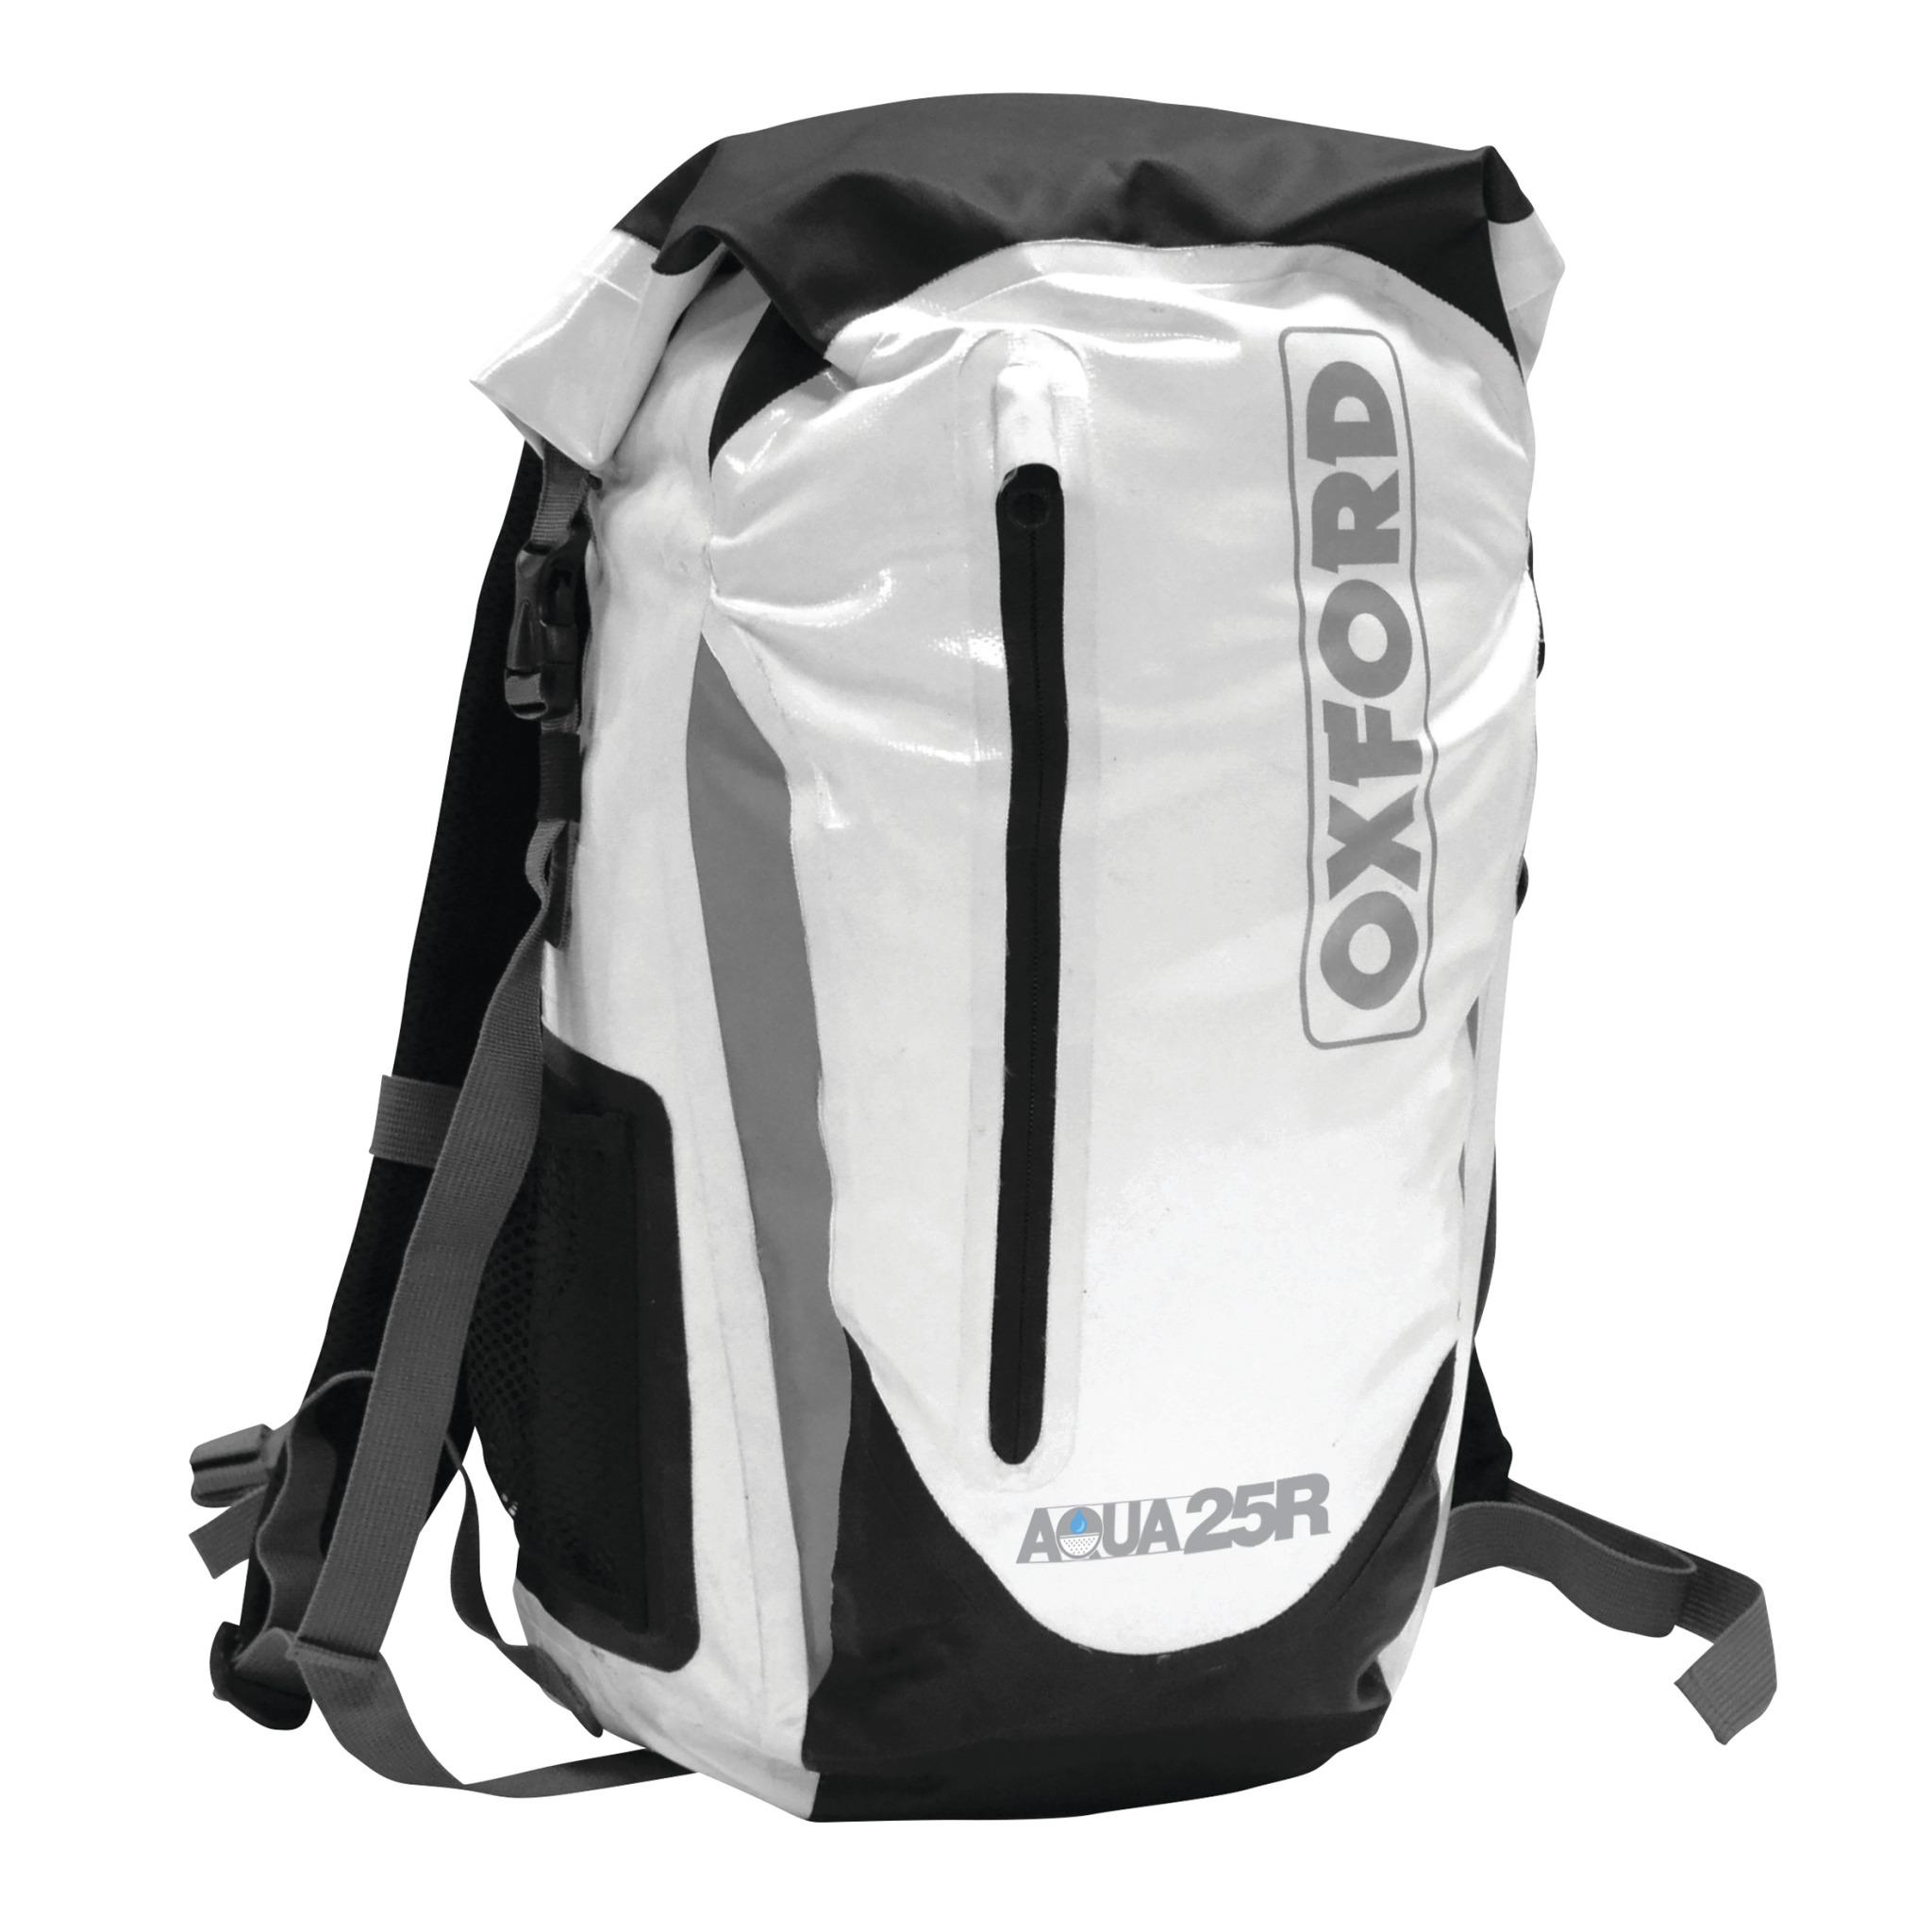 25R Waterproof Backpack (25L)